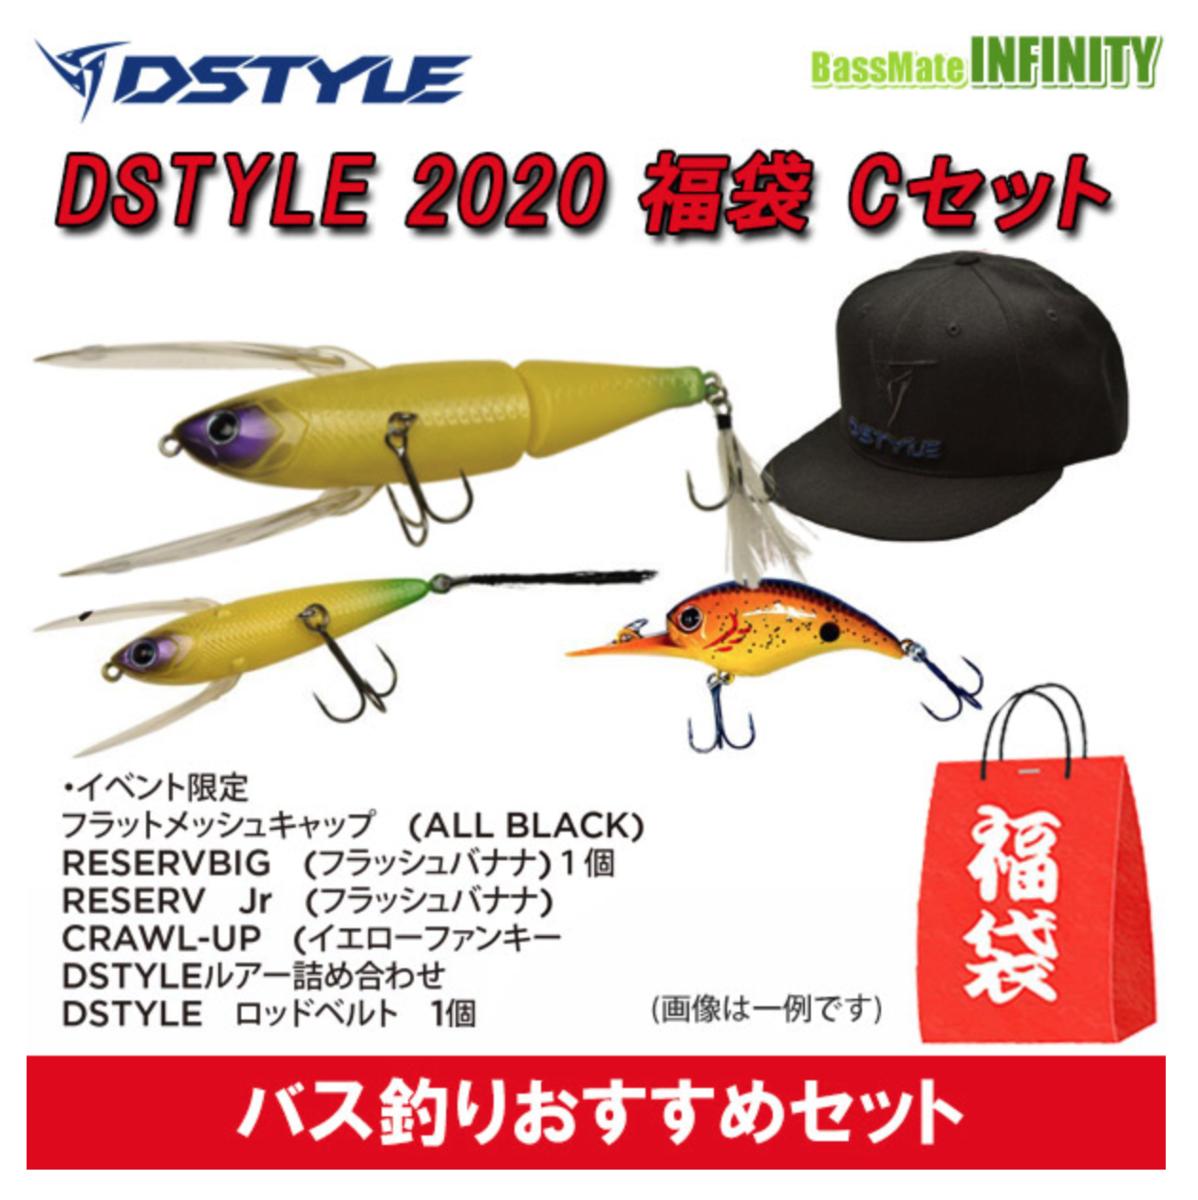 f:id:basssoku:20201224142029p:plain